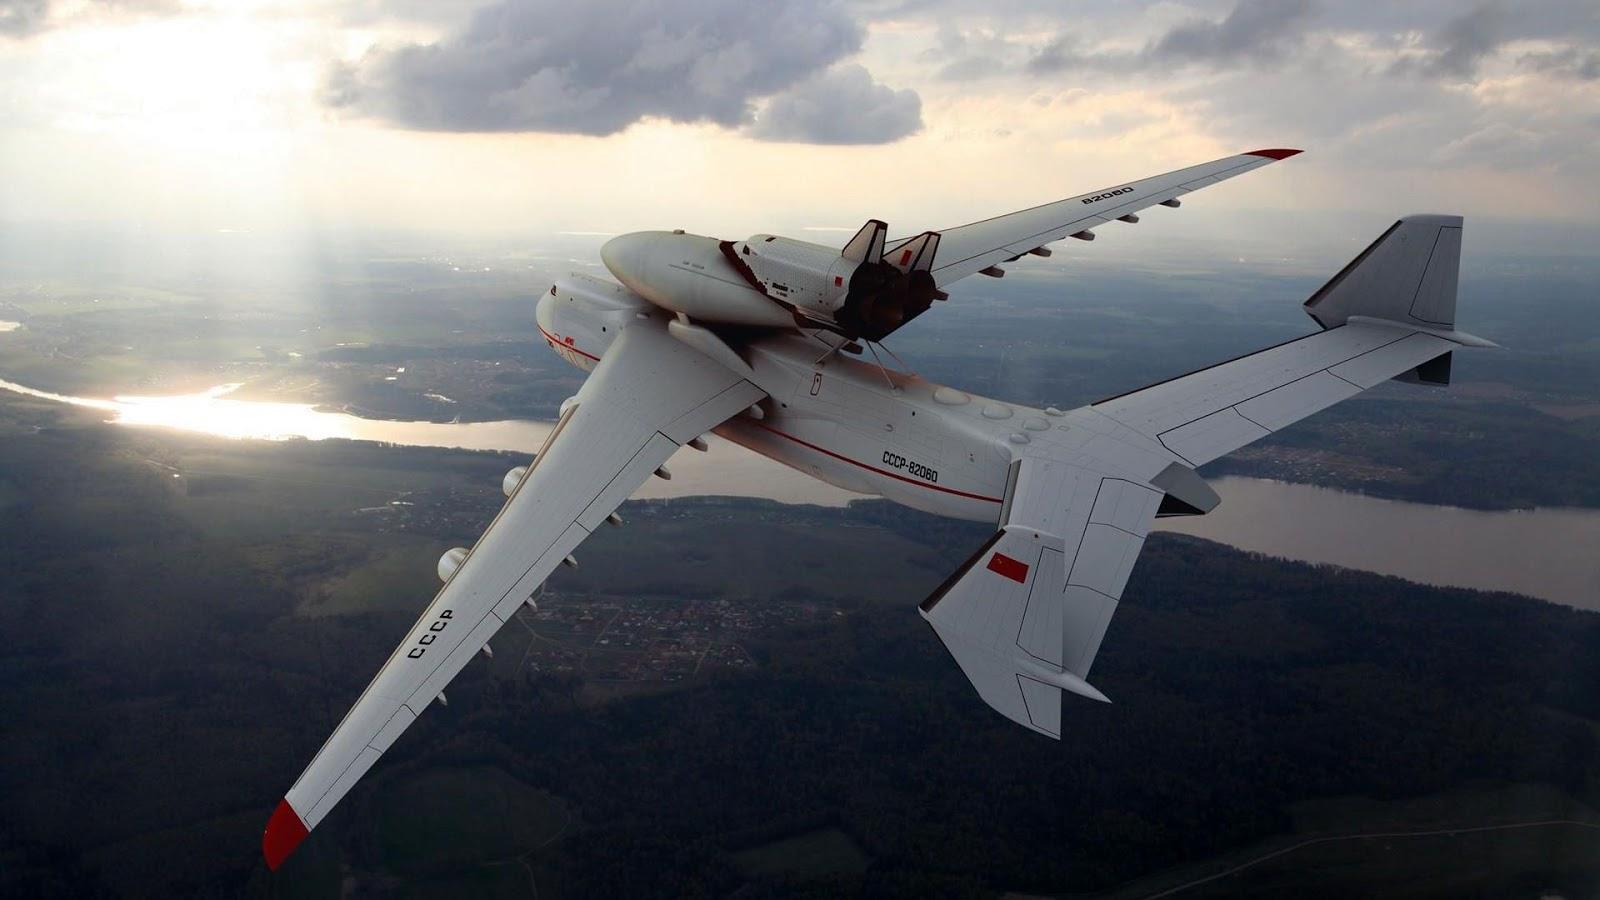 http://1.bp.blogspot.com/-UmlMYAZm5Es/UH6SfJYhnJI/AAAAAAAAFb8/BXaid1__k-s/s1600/Buran-shuttle-on-Antonov-An-225_1080.jpg